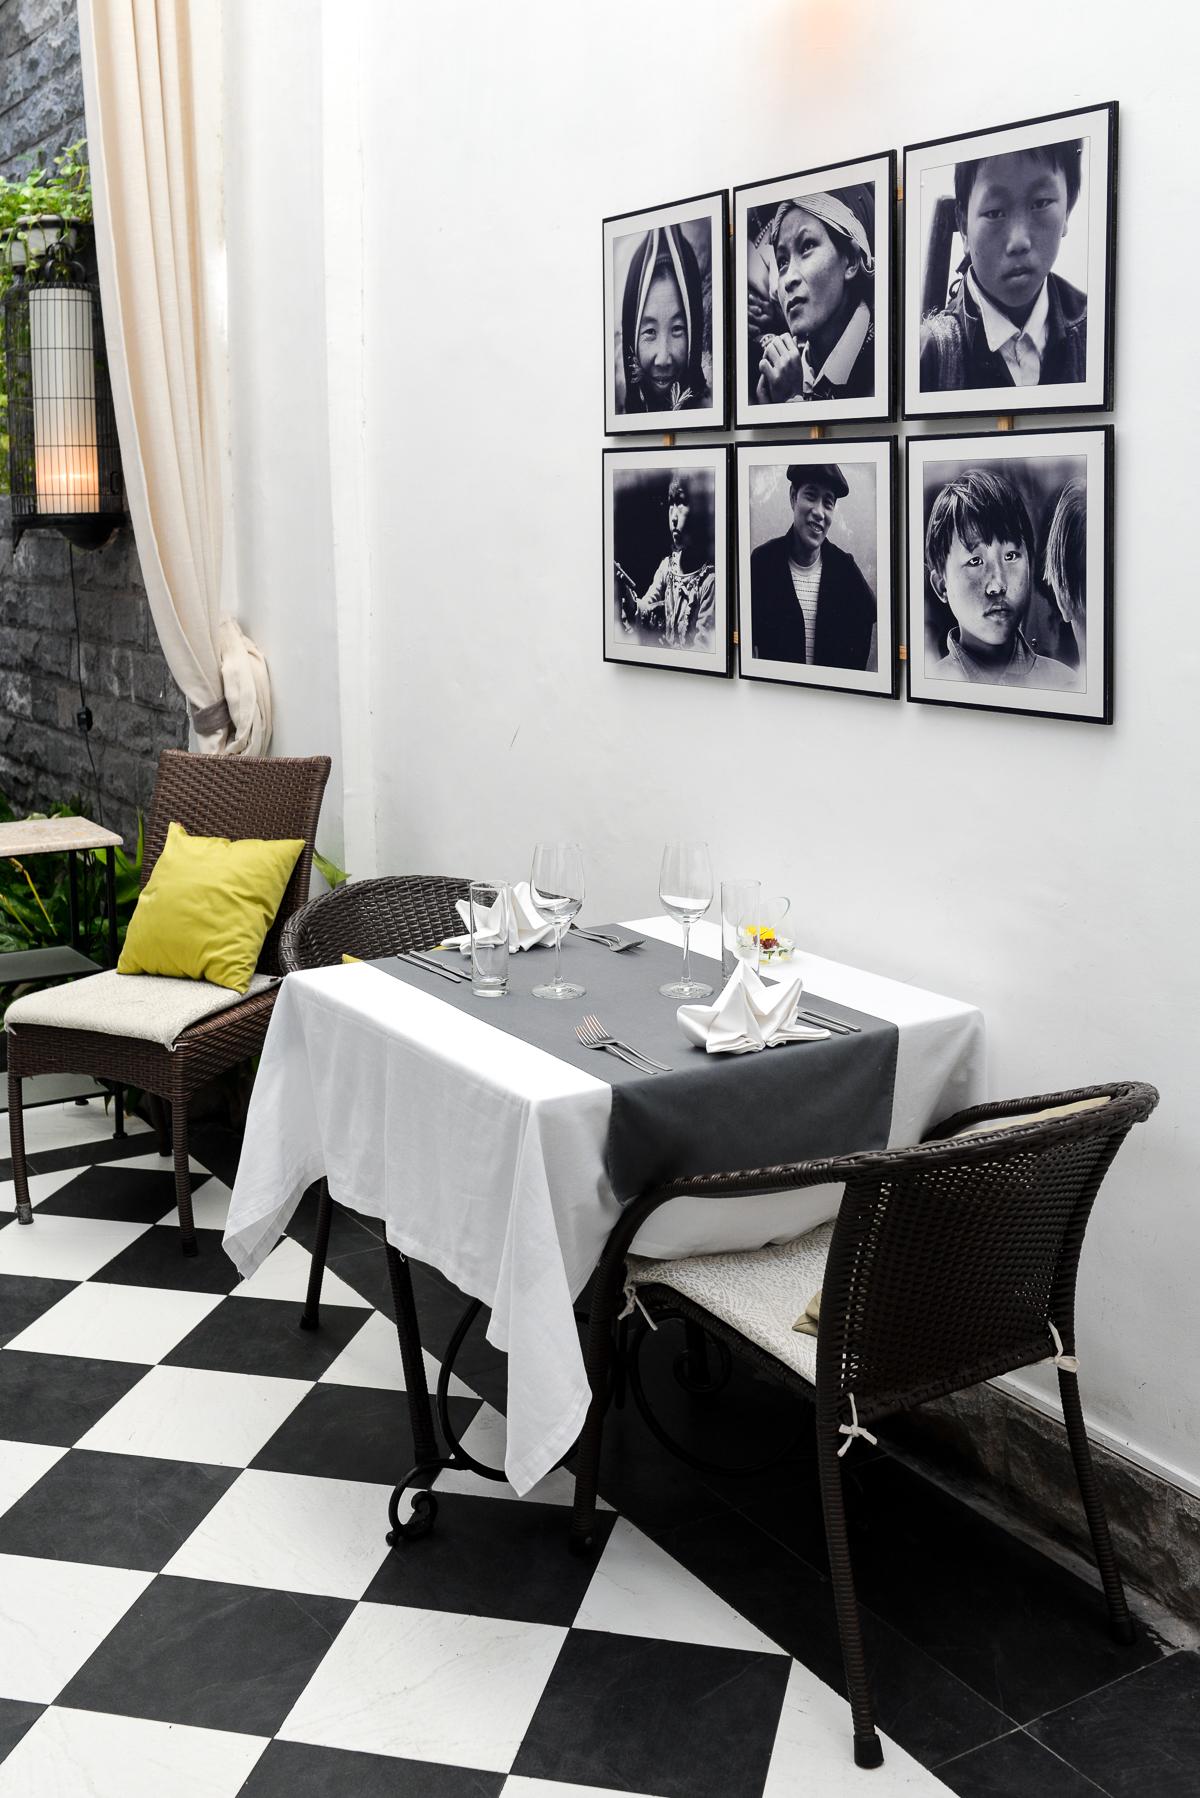 Stacie Flinner La Badiane French Restaurant Hanoi Vietnam-13